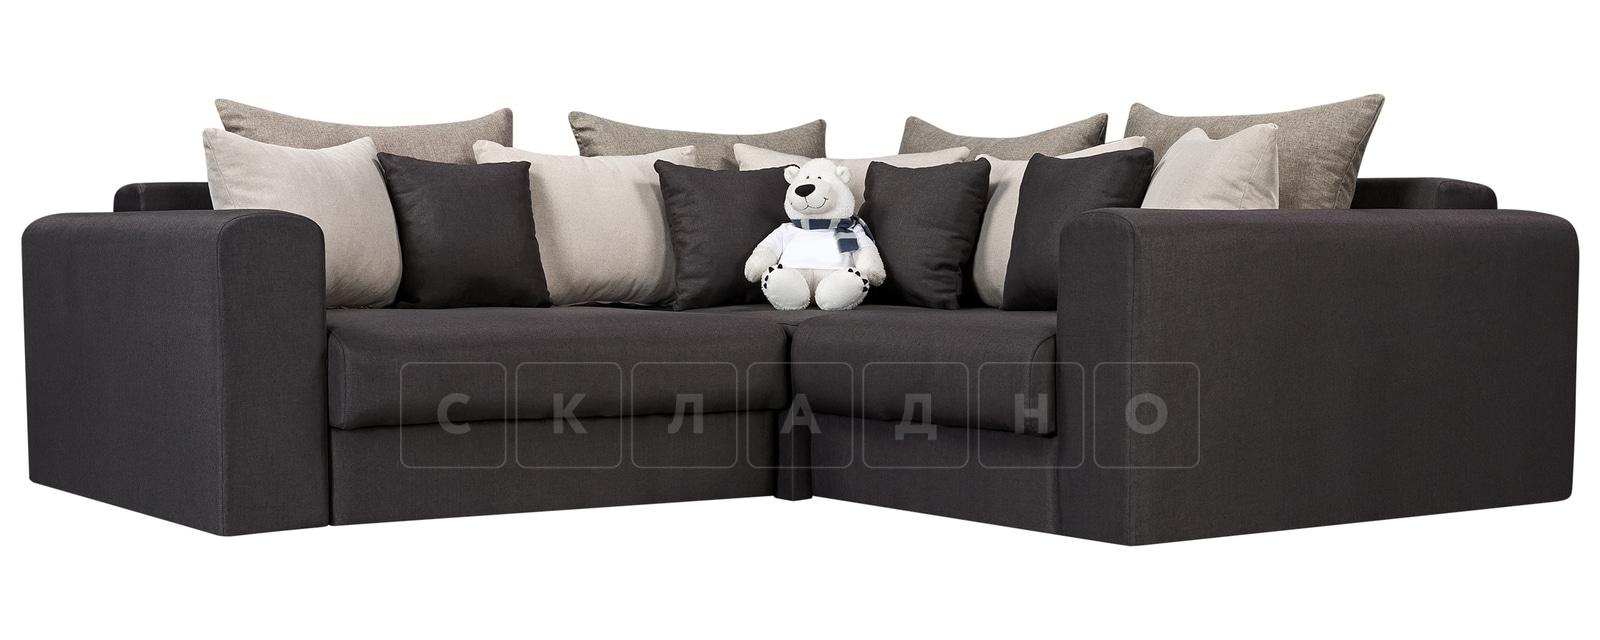 Угловой диван Медисон темно-серый 244х224 см фото 1 | интернет-магазин Складно